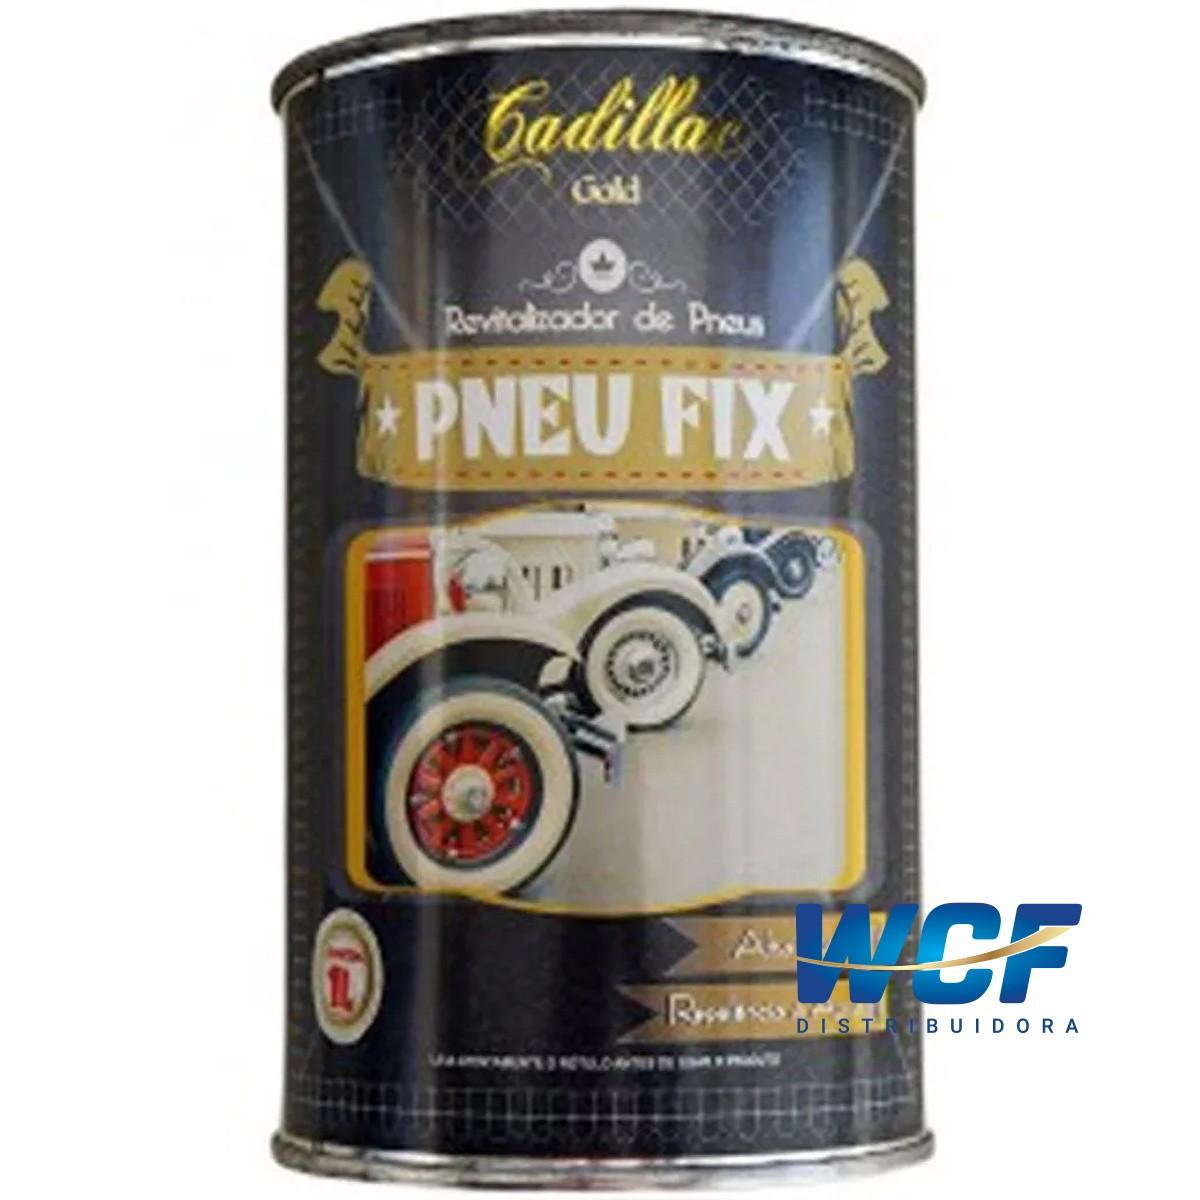 CADILLAC PNEU FIX 1LT